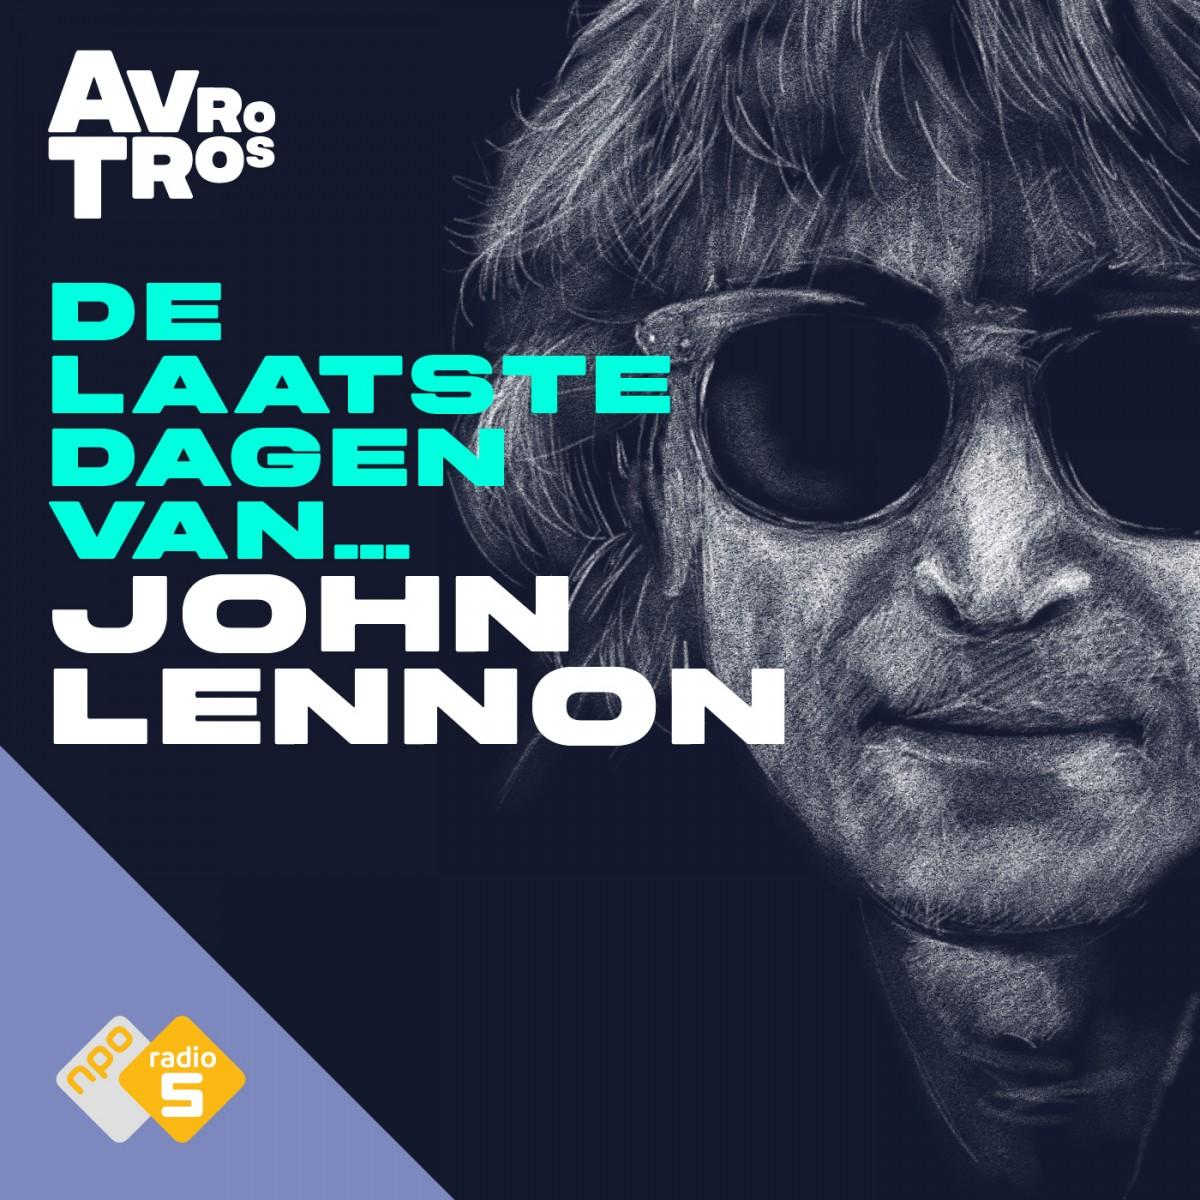 Podcast: beluister De Laatste Dagen Van... John Lennon